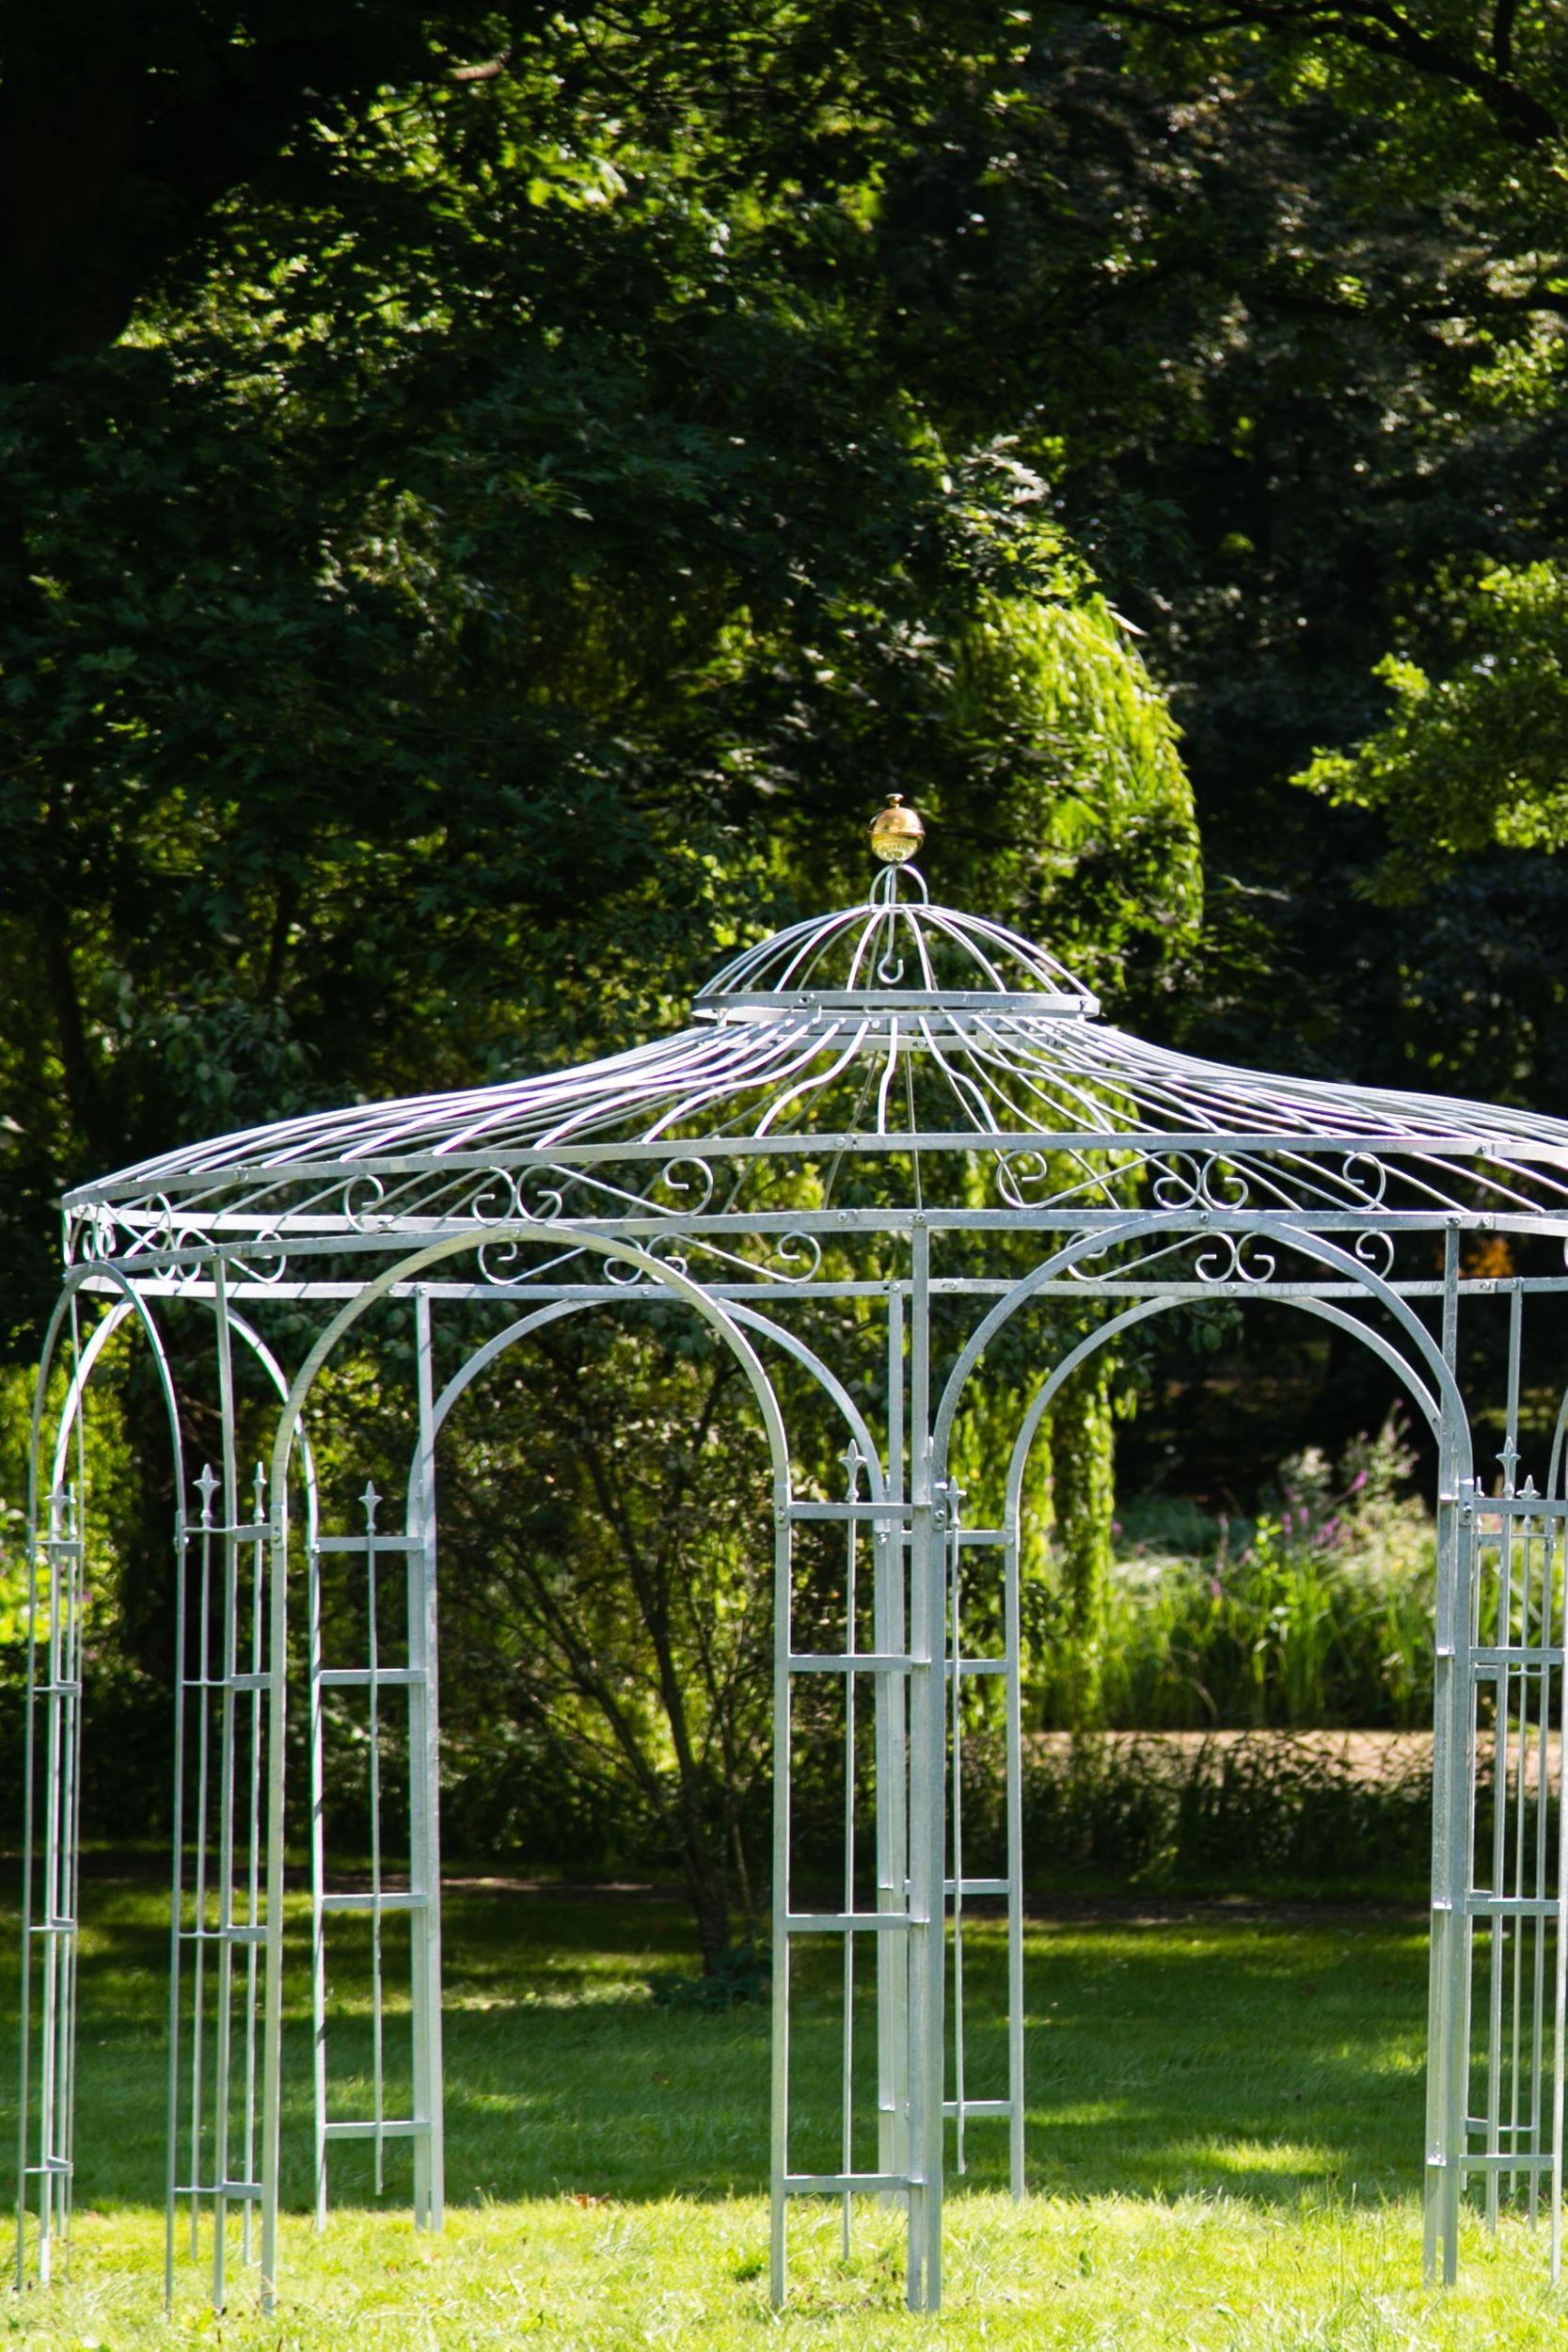 Full Size of Garten Pavillion Rund Metall Gartenpavillon Aus Holz Pavillon Kaufen Luxus Glas 3x3 Wetterfest Baugenehmigung Zelt Pavilion Verzinkt 350cm Eleganz Liege Garten Garten Pavillion